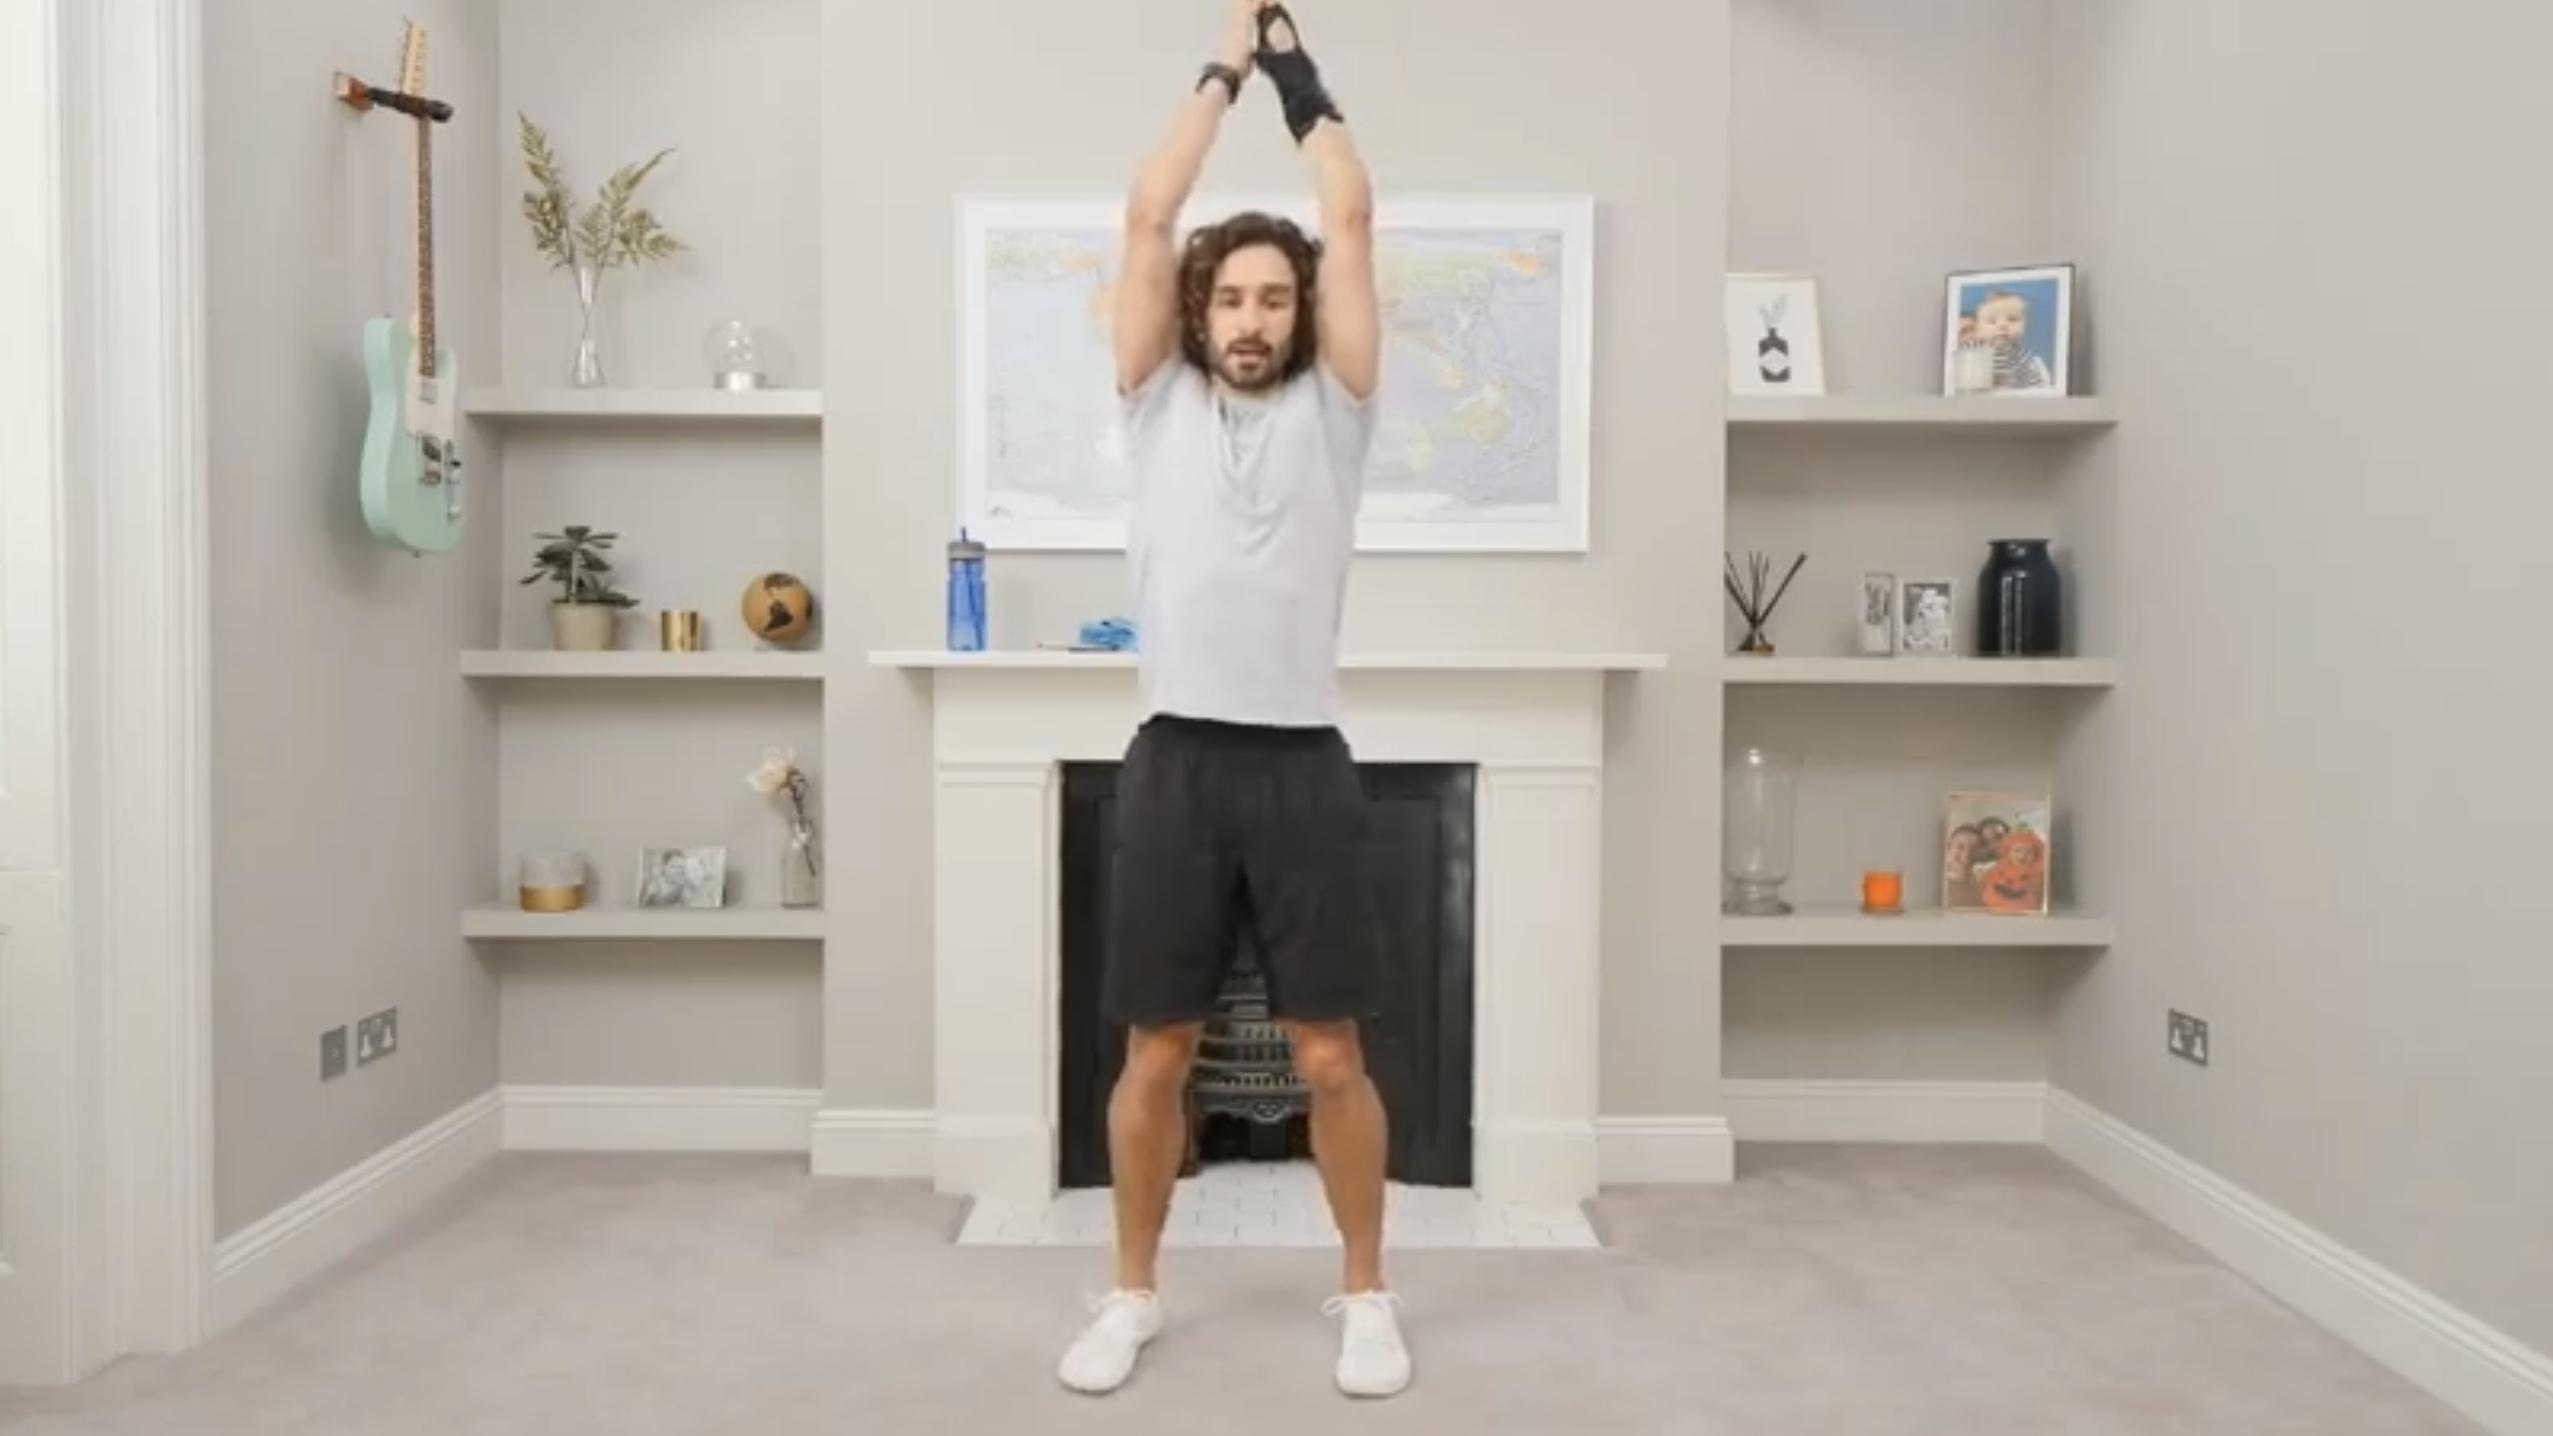 How to watch Joe Wicks' PE workout online